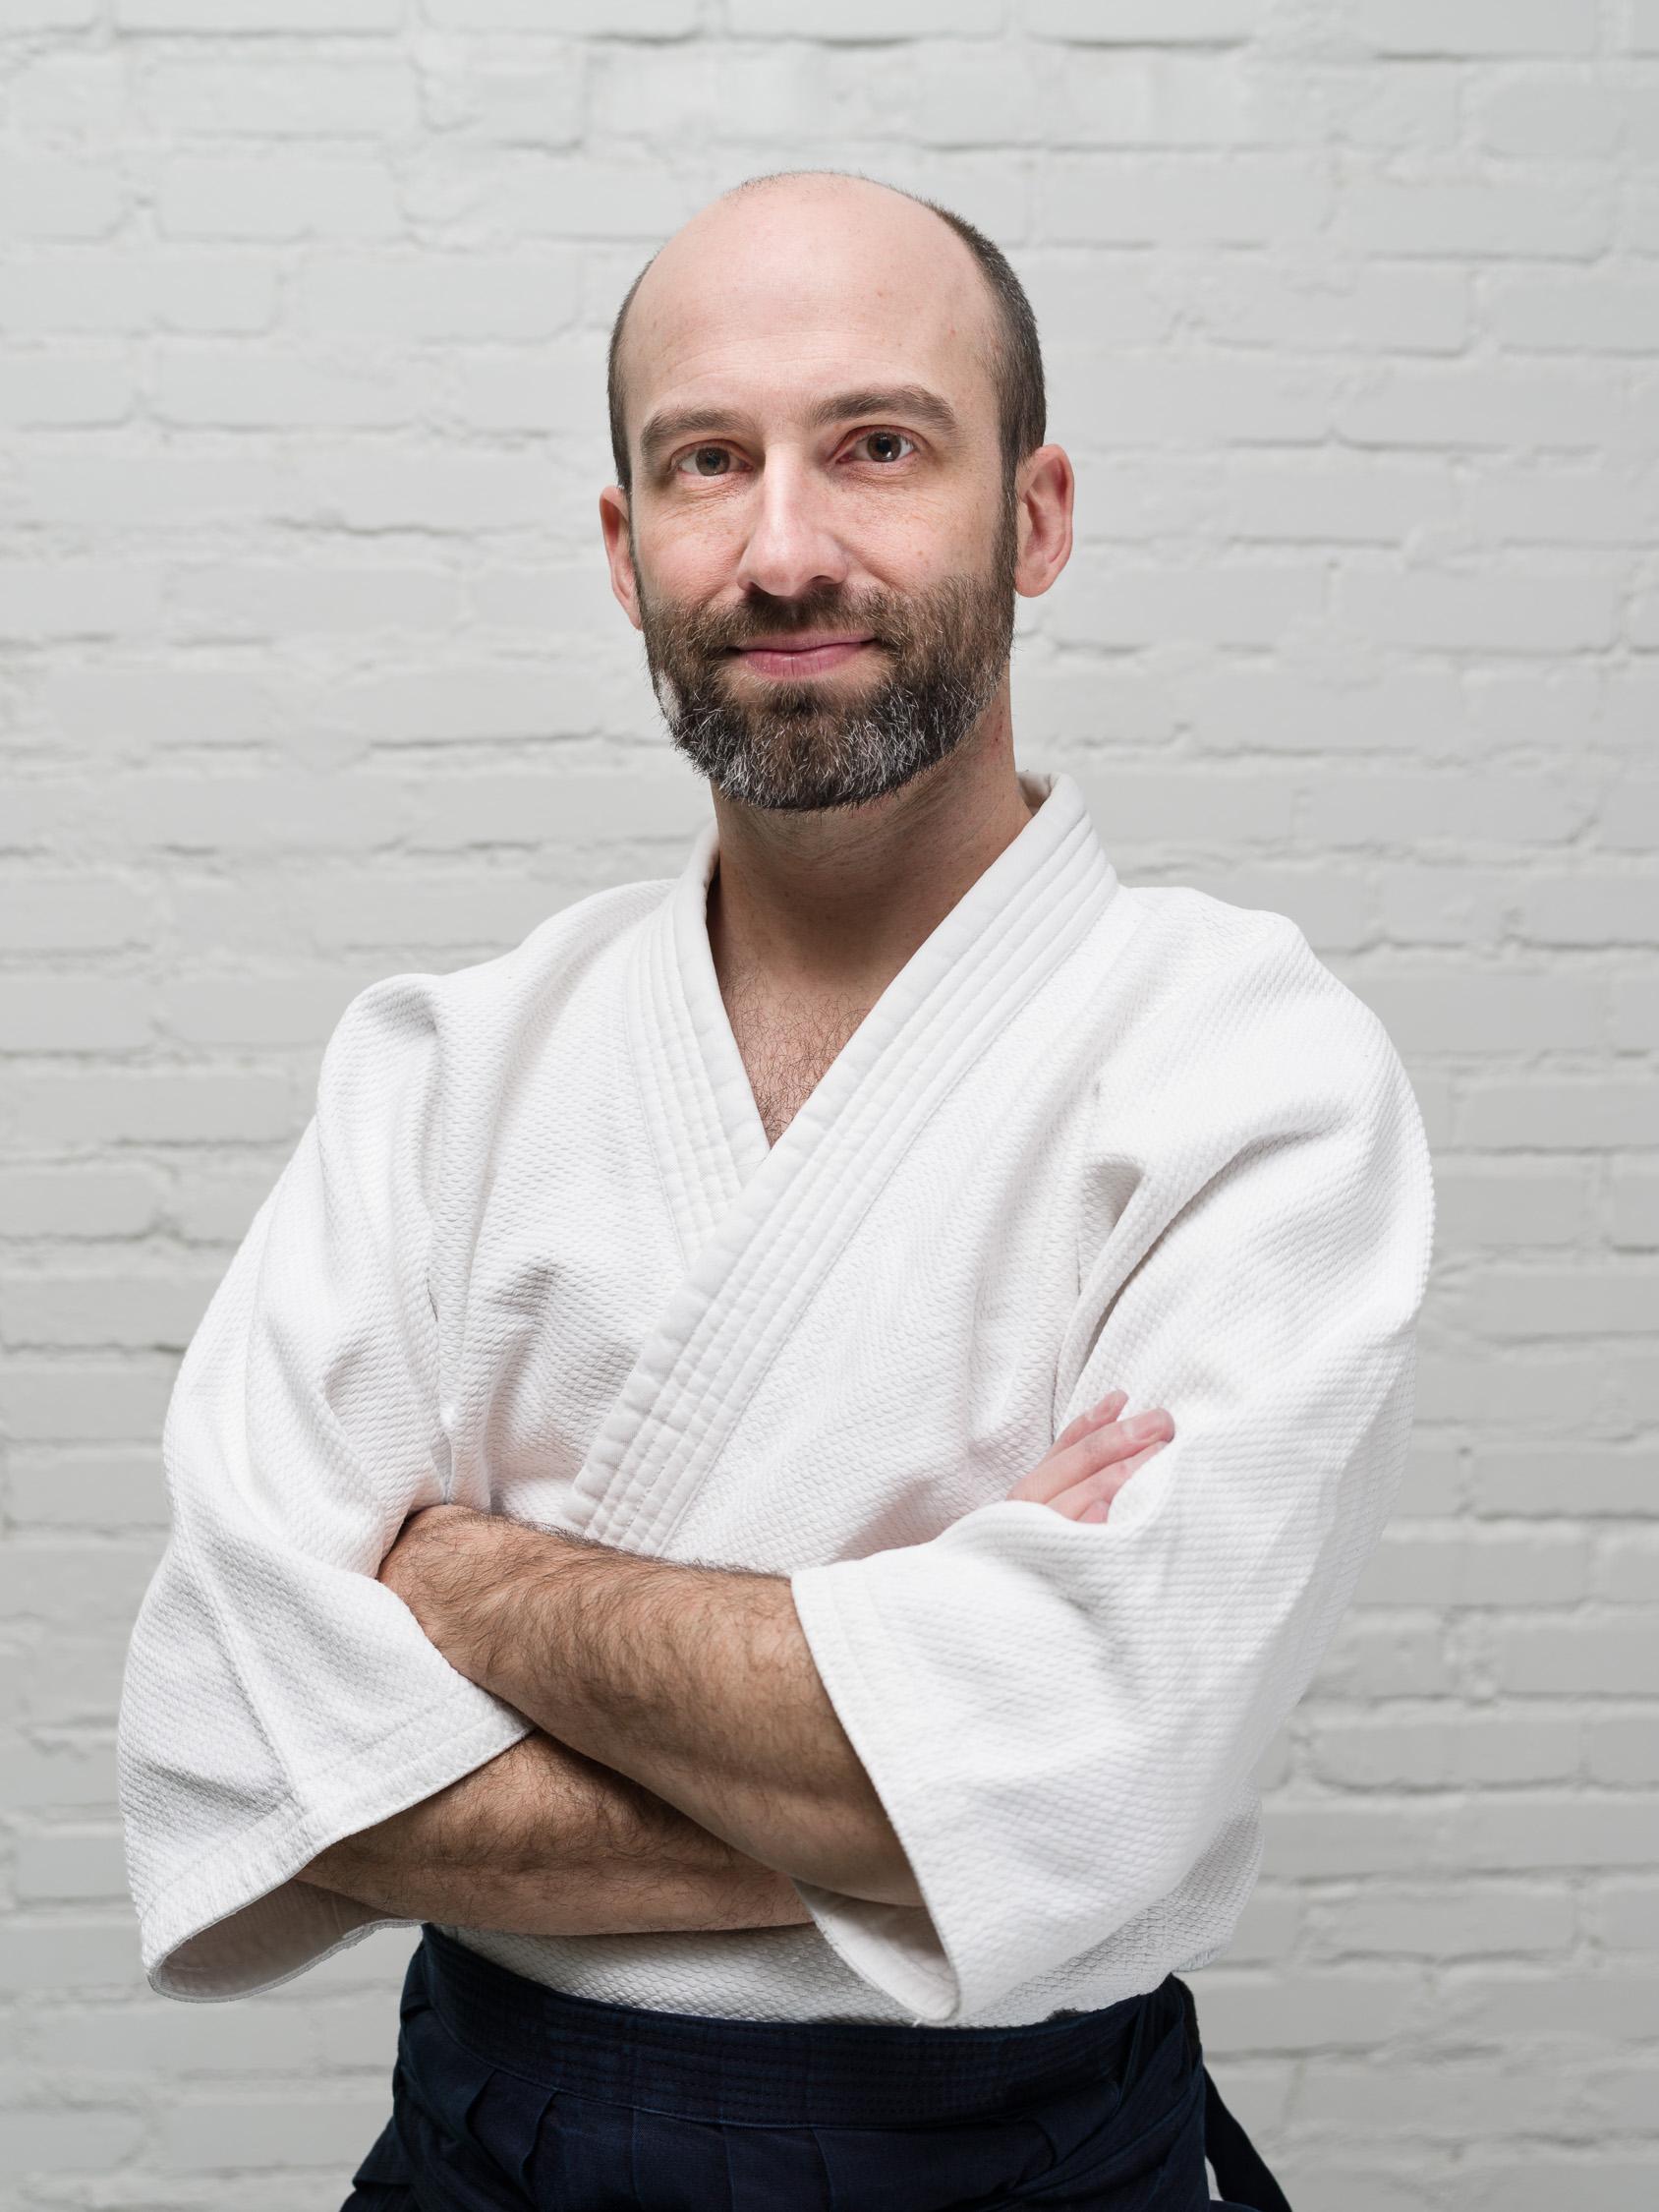 Daniel Holabaugh